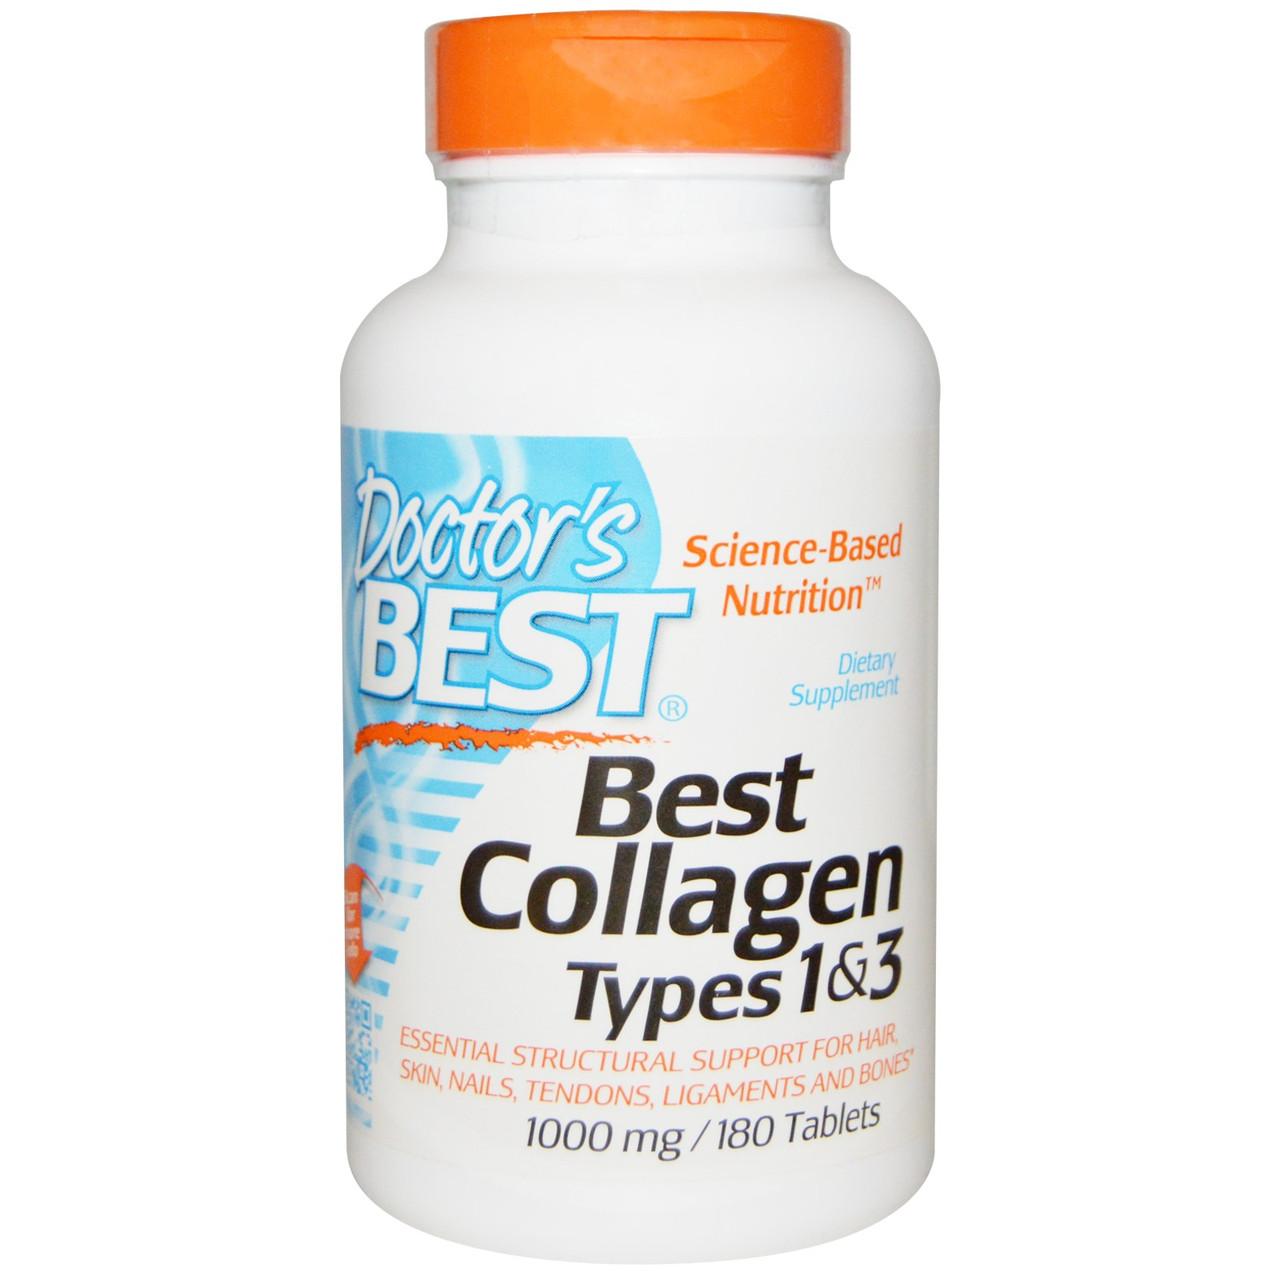 Best коллаген 1 и 3 типа от Doctor's Best, 1000 мг, 180 таблеток. Сделано в США